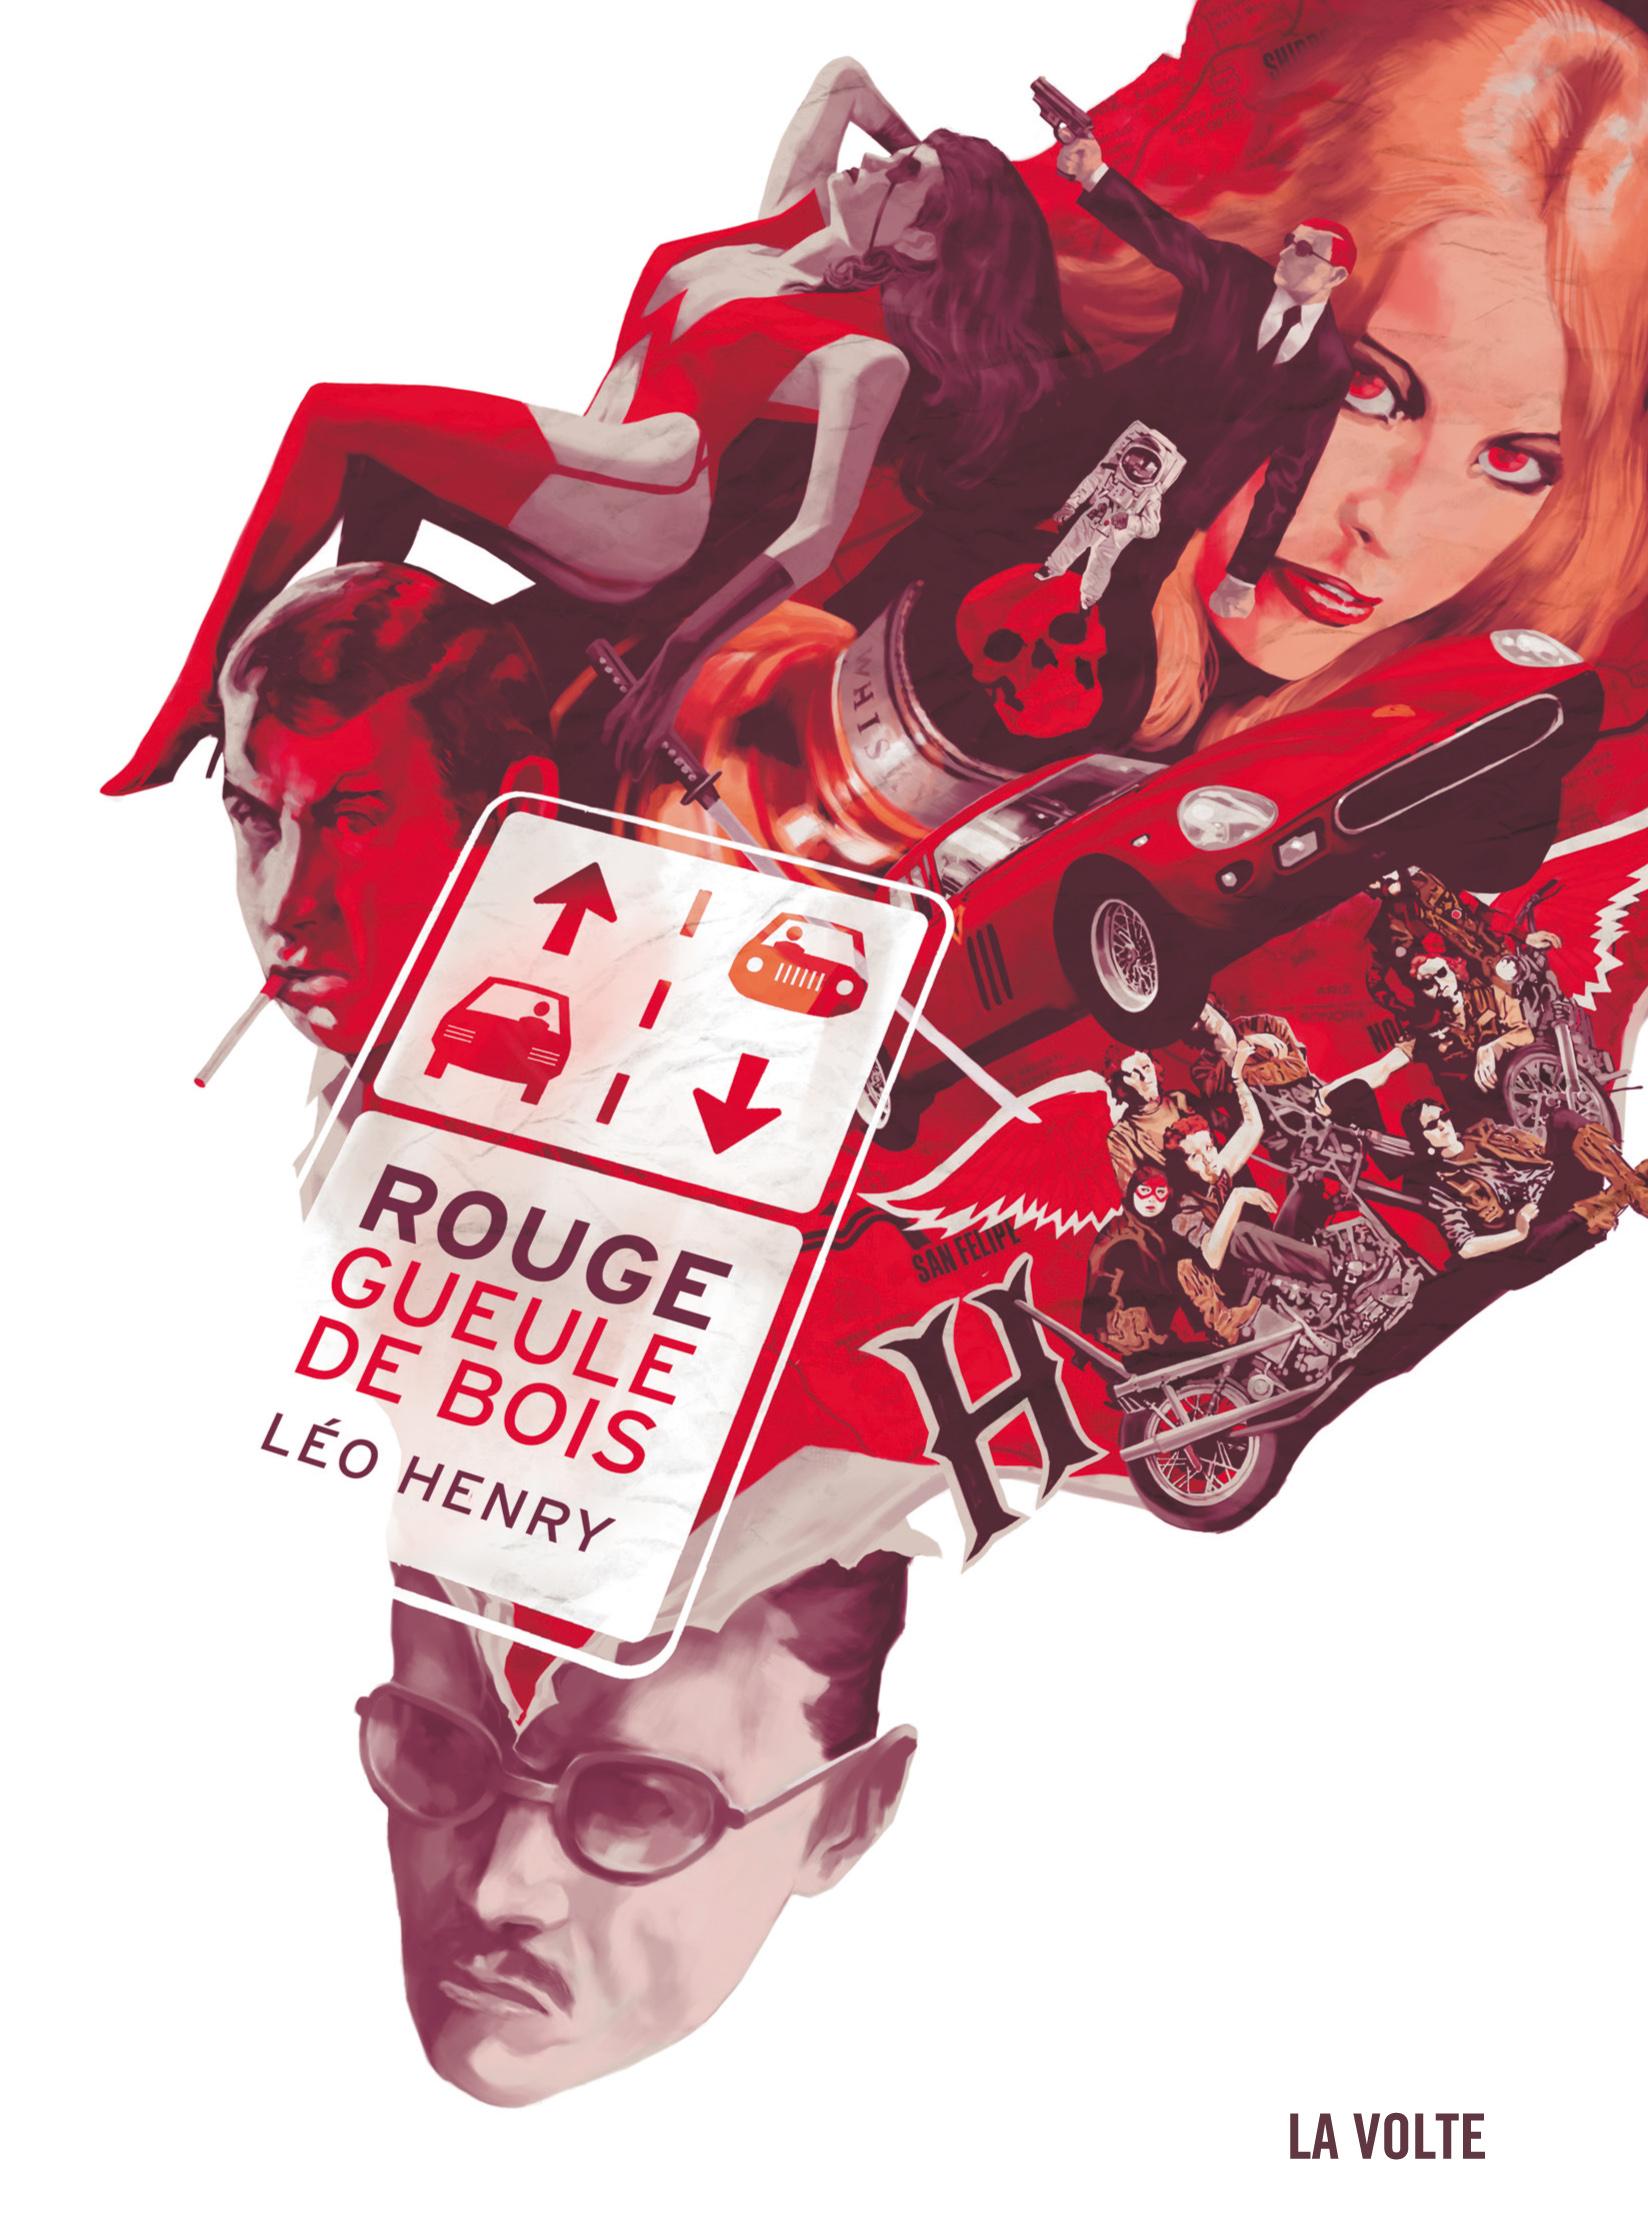 Rouge Gueule de bois de Léo Henry (La Volte)